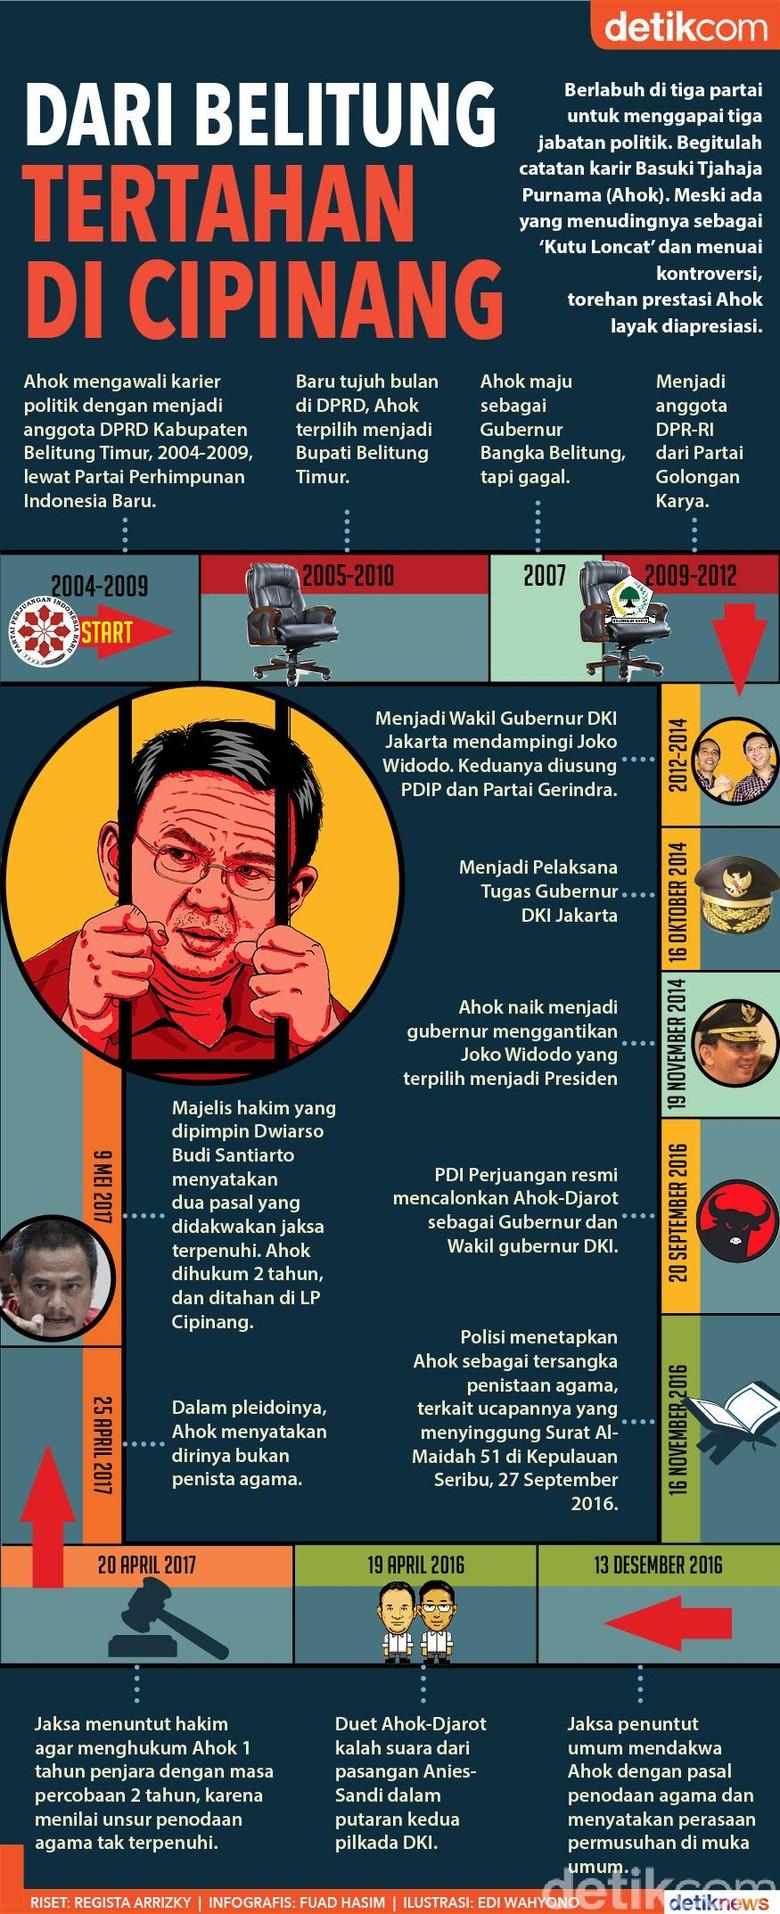 Dari Belitung Tertahan di Cipinang